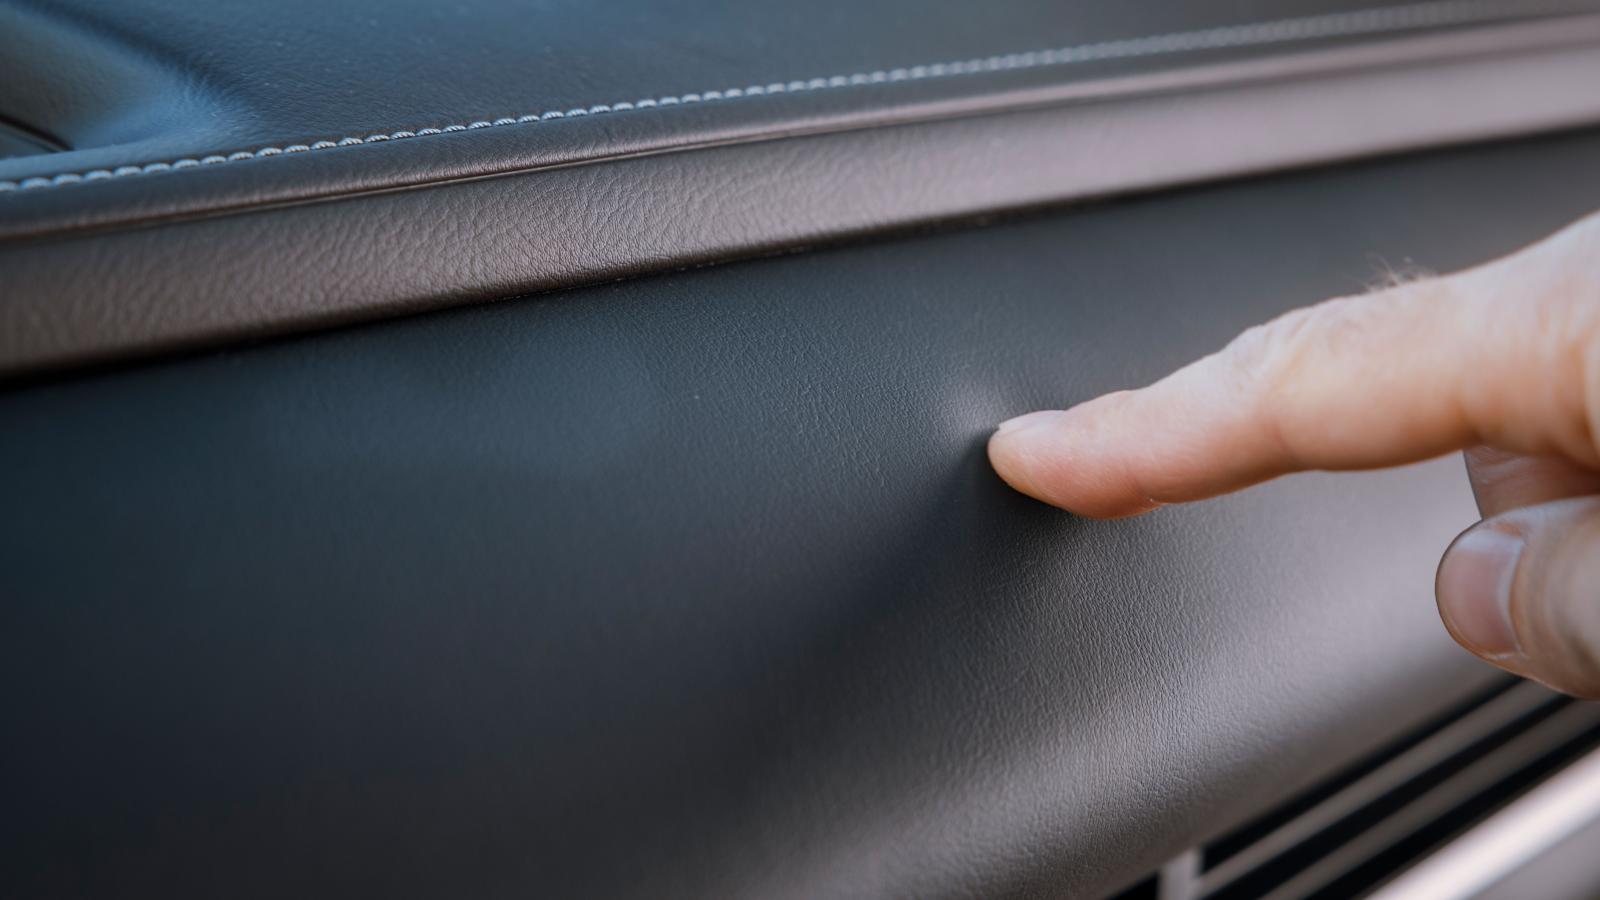 CX-30 erbjuder en rätt exklusiv känsla här och var i inredningen, exempelvis i den fingertoppsvänliga instrumentpanelen.